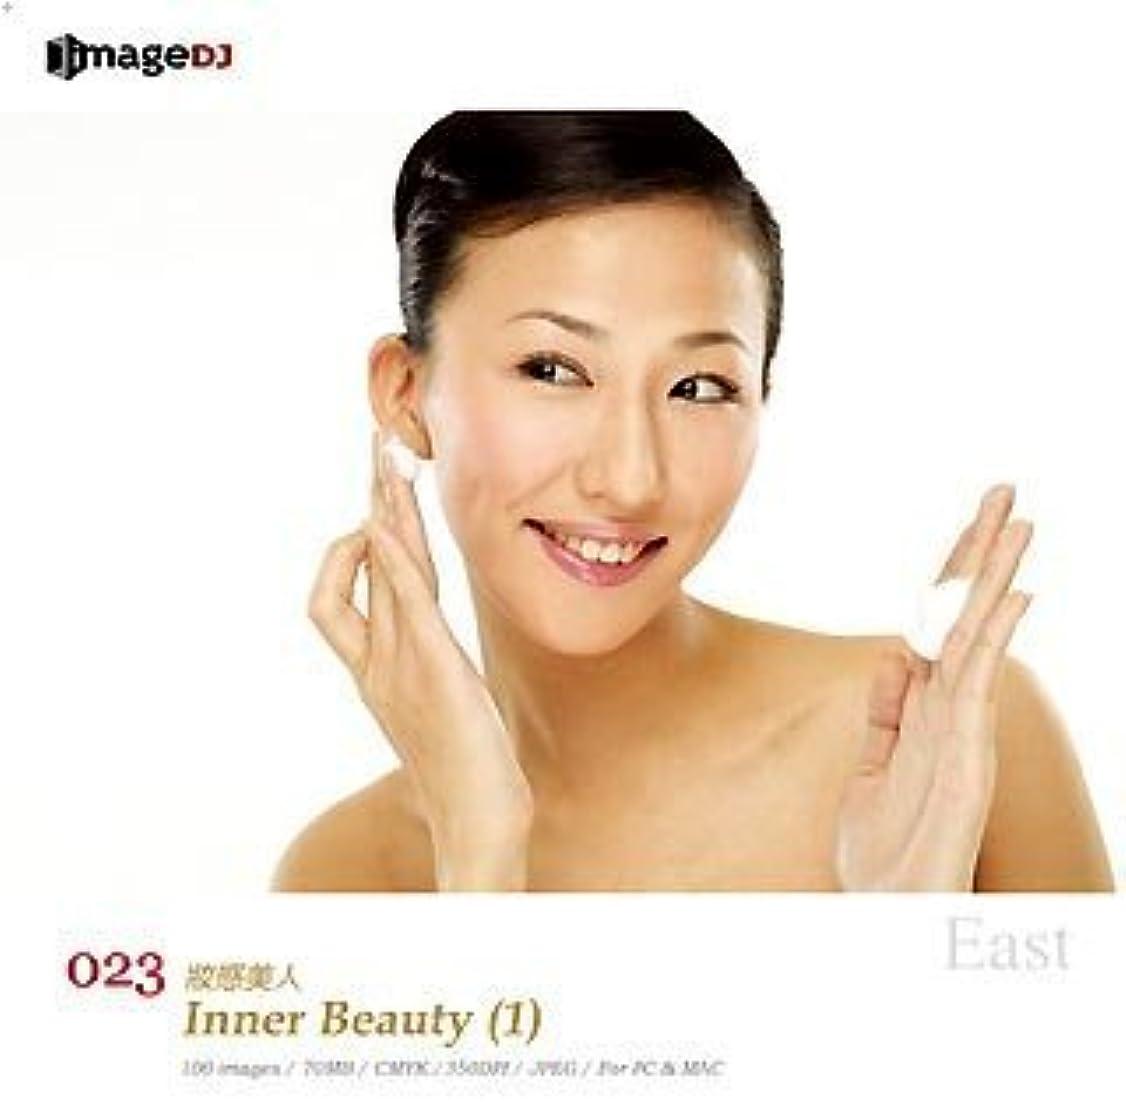 悲劇暫定の文句を言うEAST vol.23 内面美人(1) Inner Beauty (1)